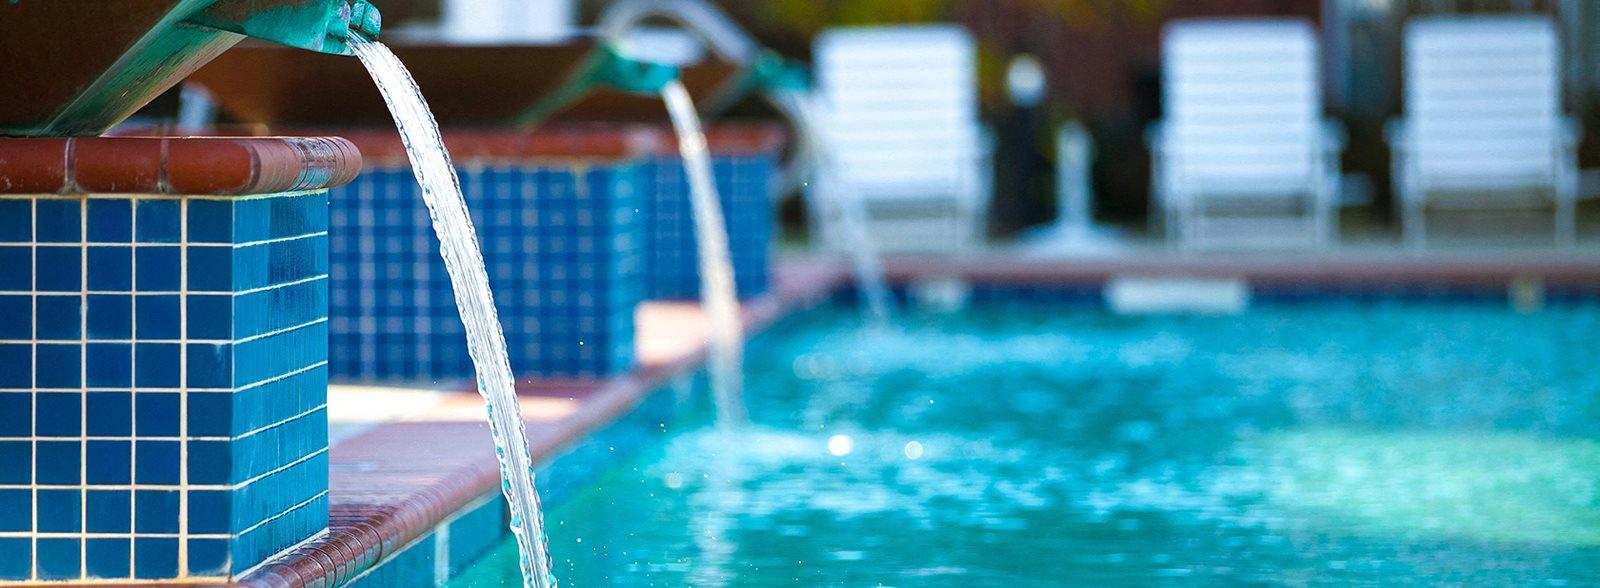 1200 Acqua   Luxury Apartments in Petersburg, Virginia close to ...